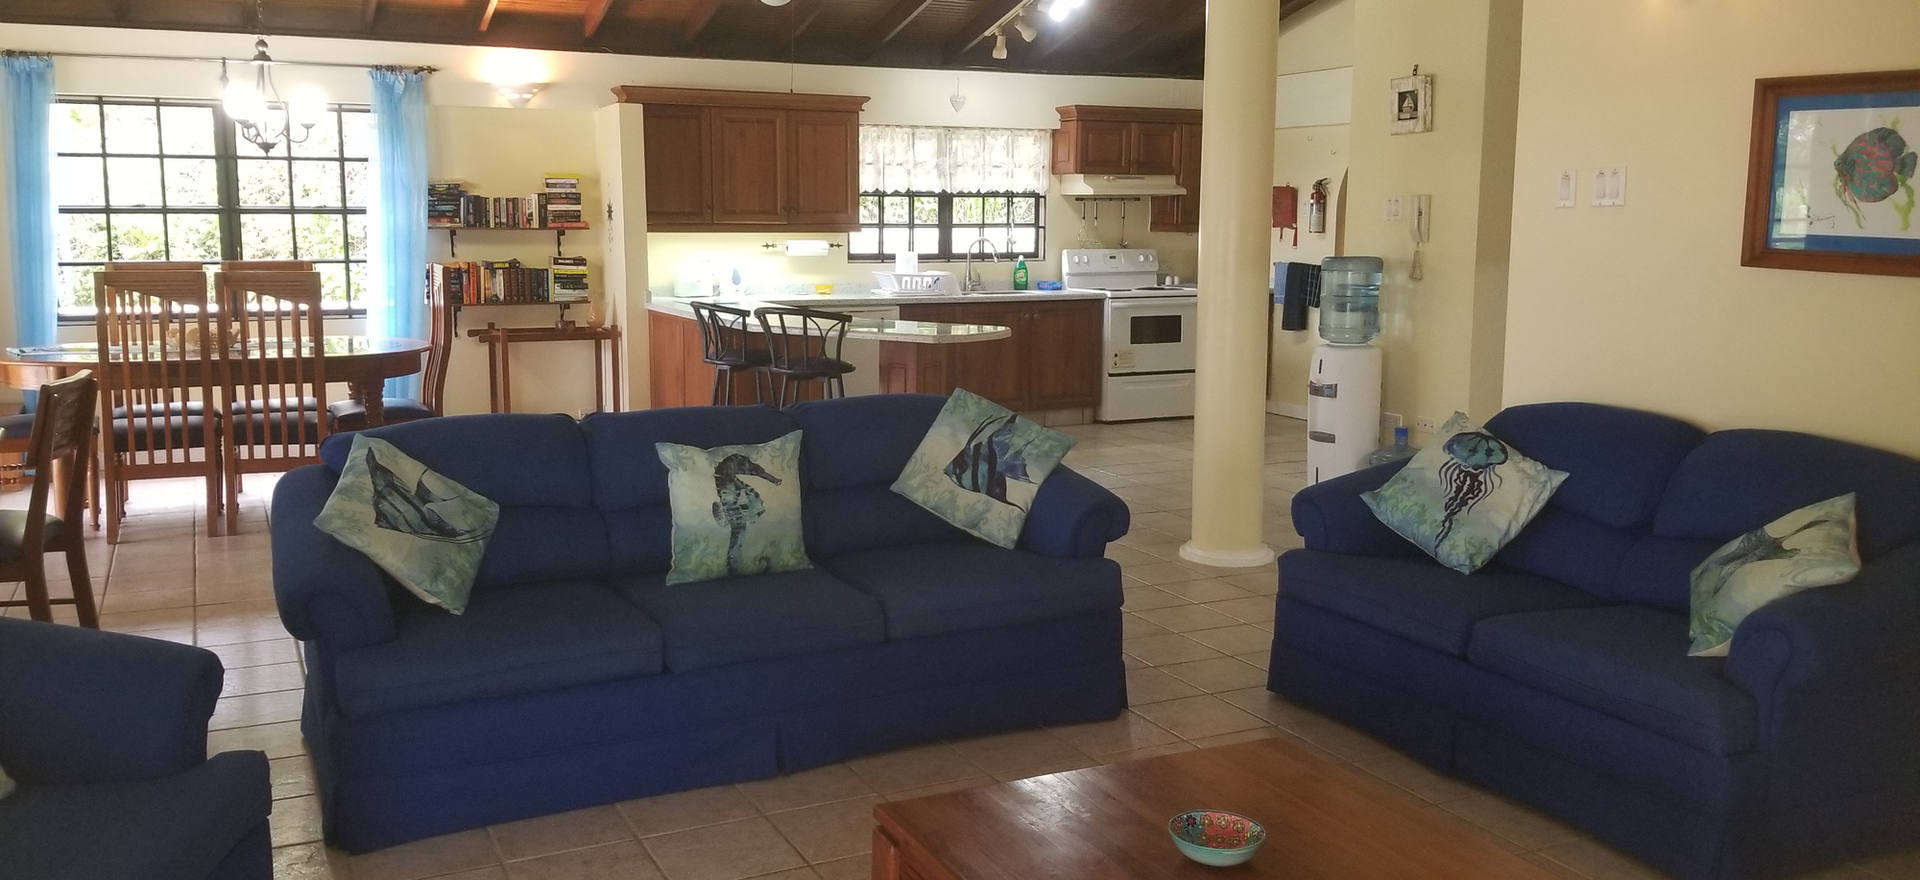 Living area through to kitchen